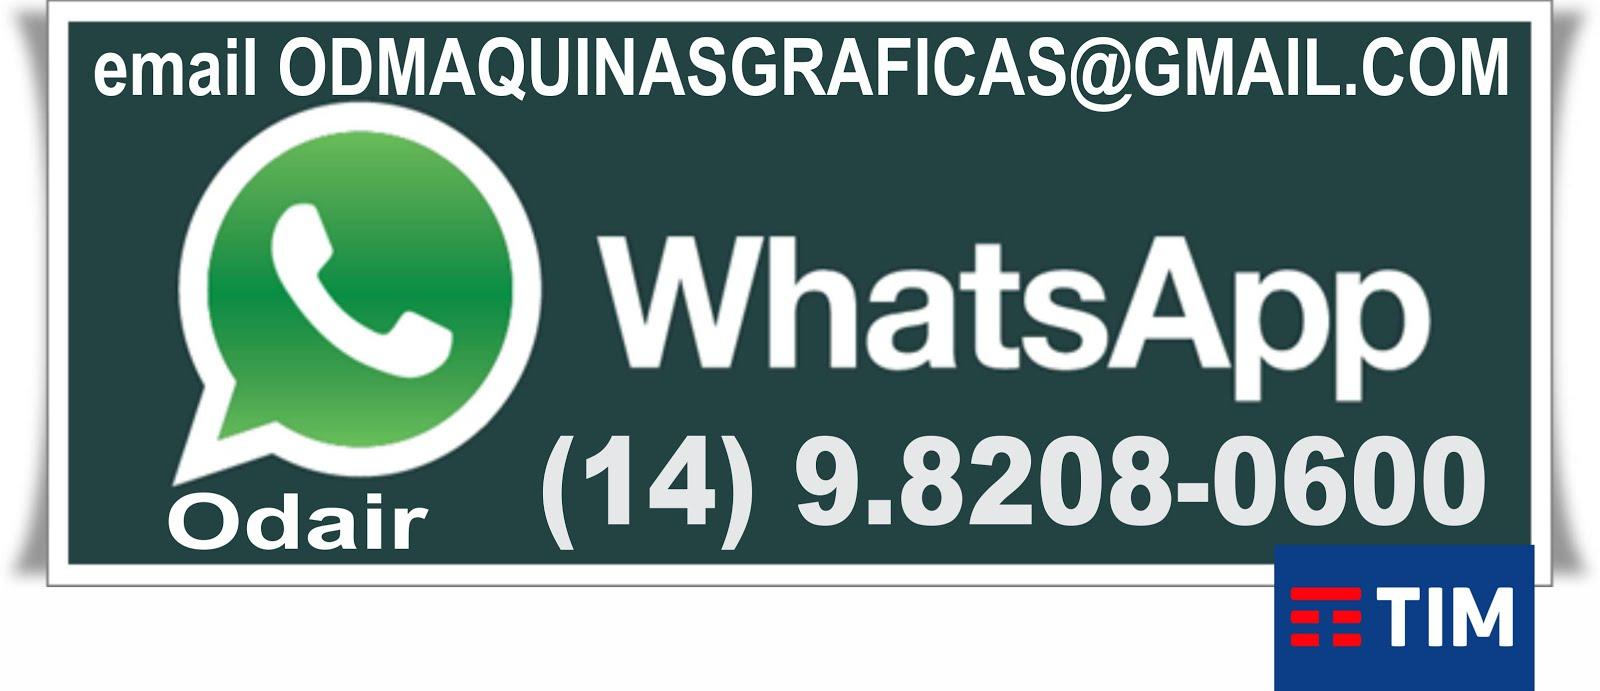 WhatsApp 14 9.8208-0600